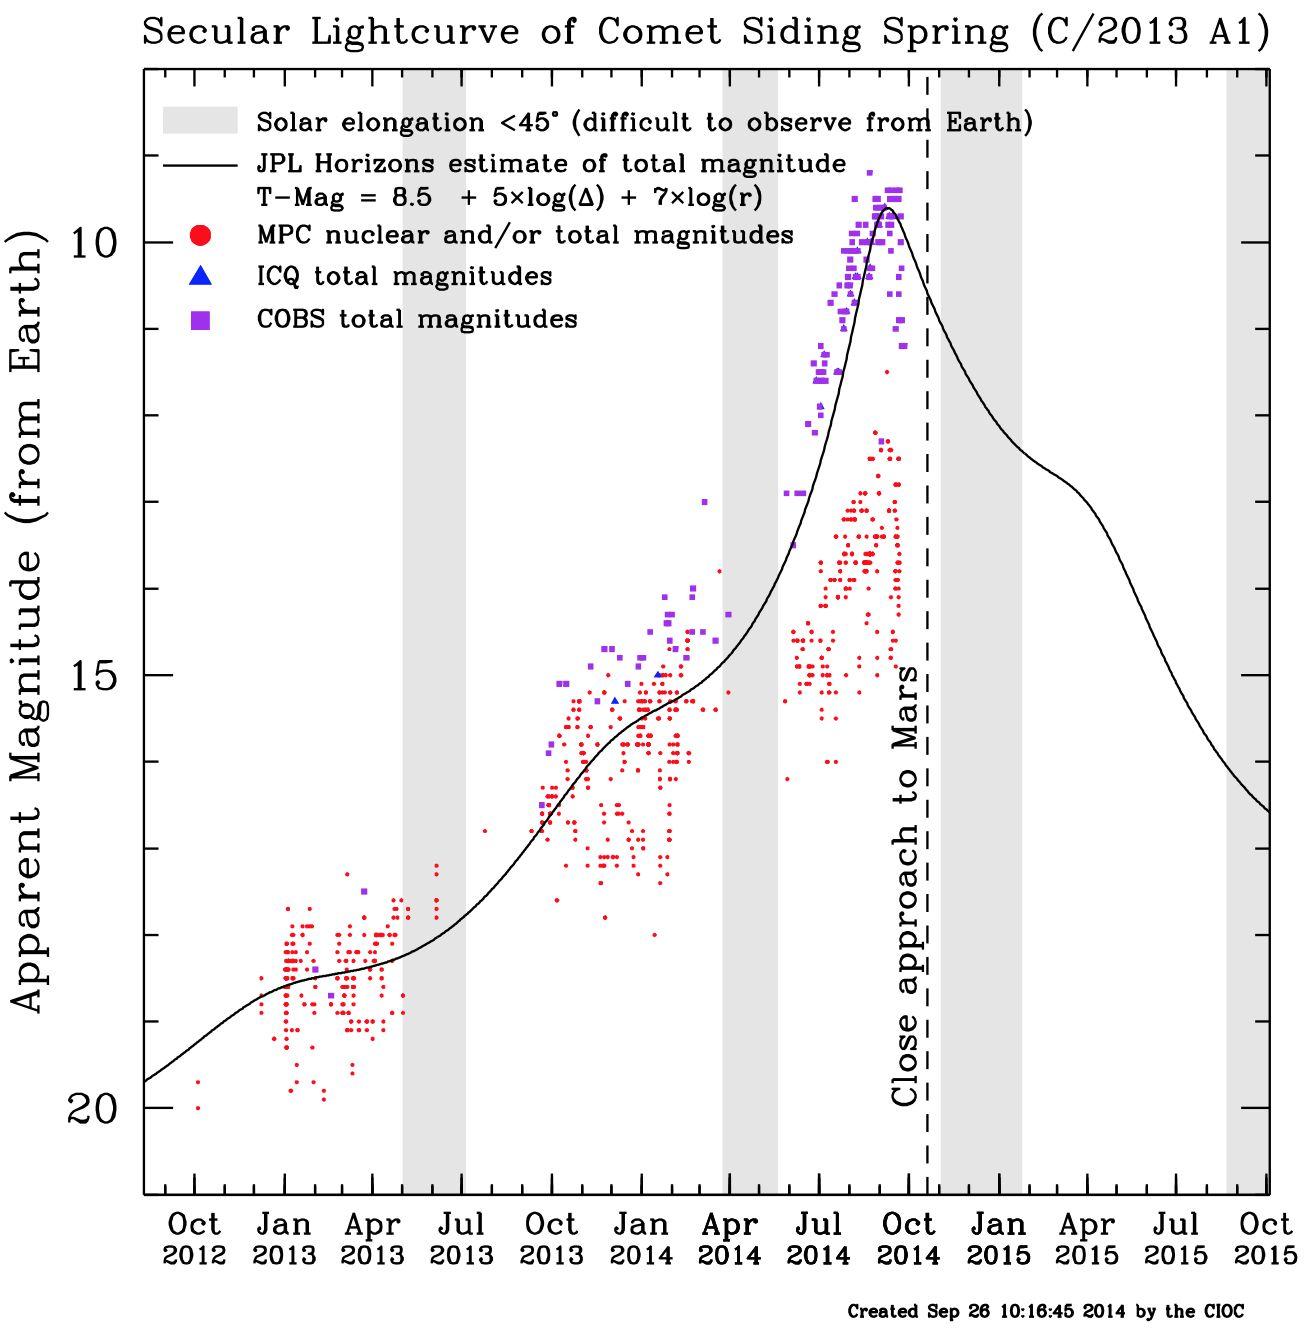 Helligkeitskurve des Kometen C/2013 A1 vom 26.9.2014. Seit einigen Tagen liegen die Punkte sämtlicher Beobachter unter der schwarzen Vorhersagekurve. Bild: CIOC